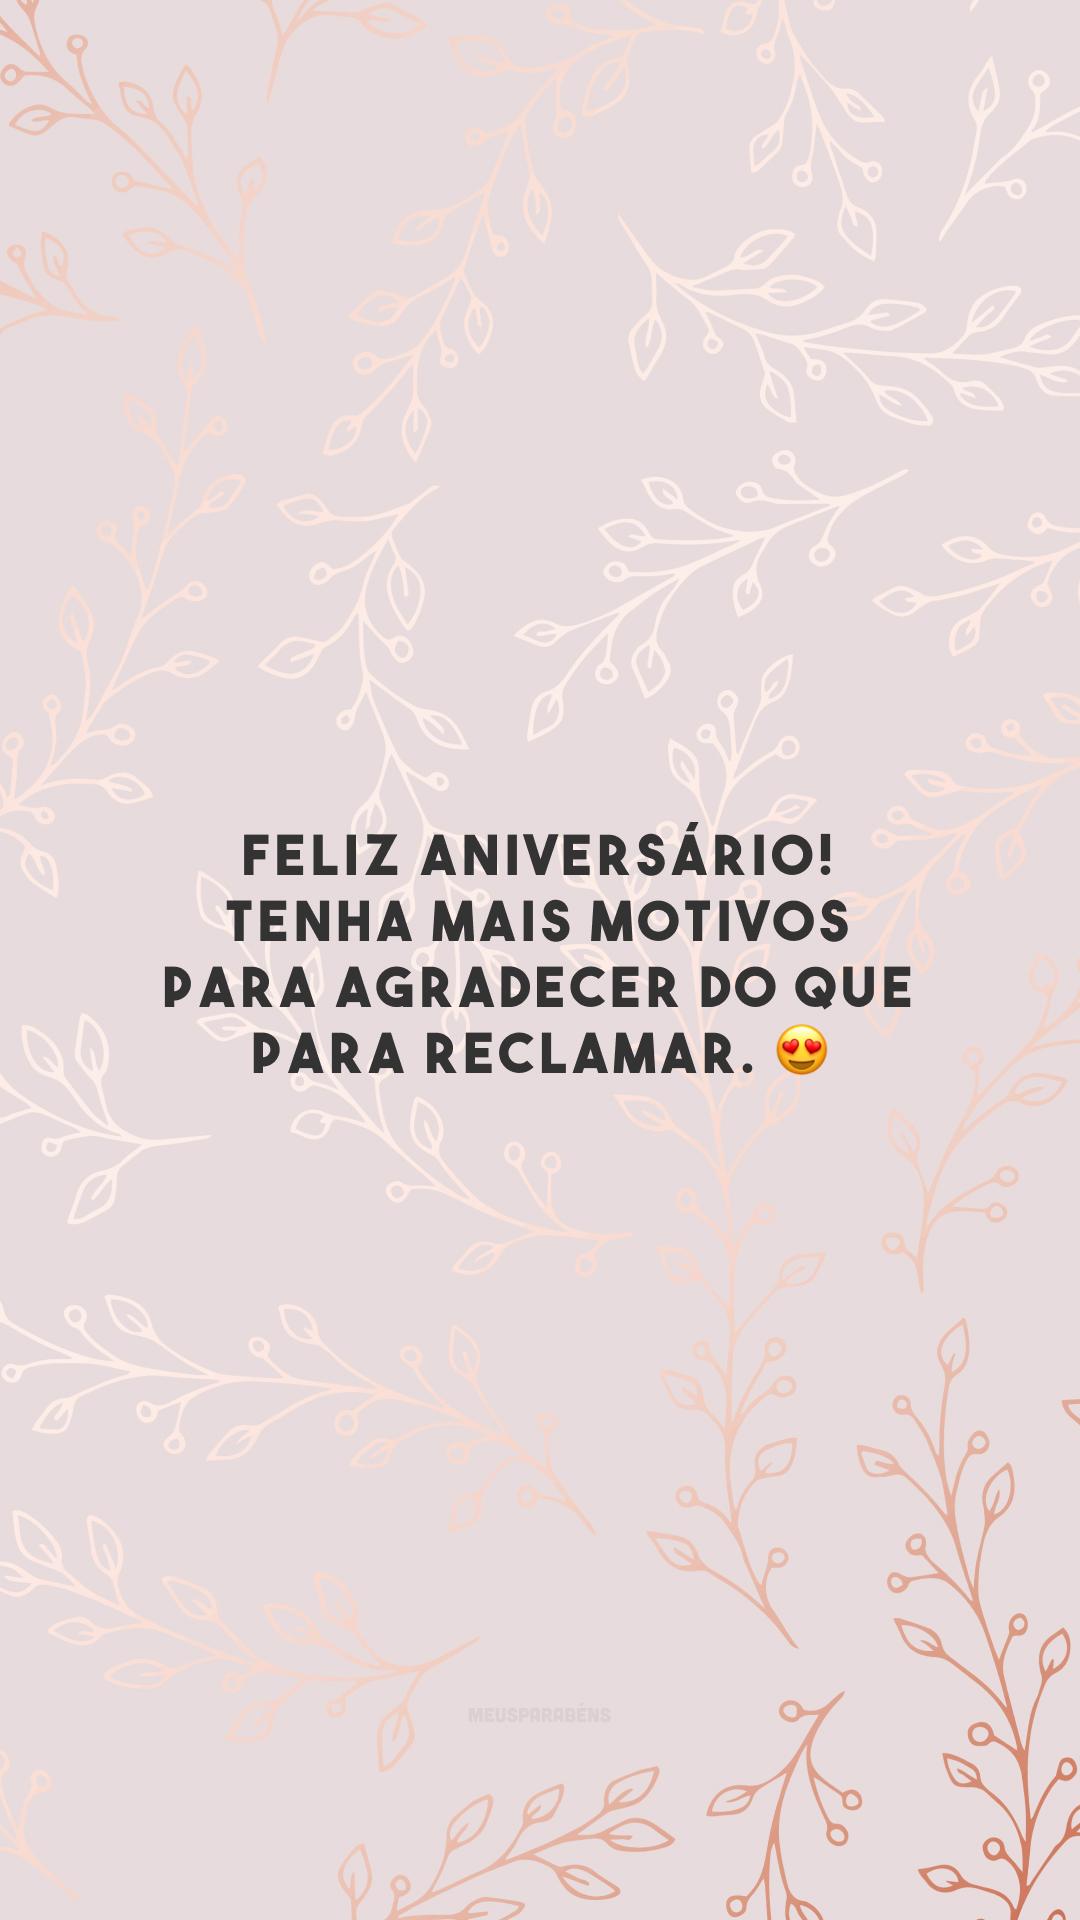 Feliz aniversário! Tenha mais motivos para agradecer do que para reclamar. 😍